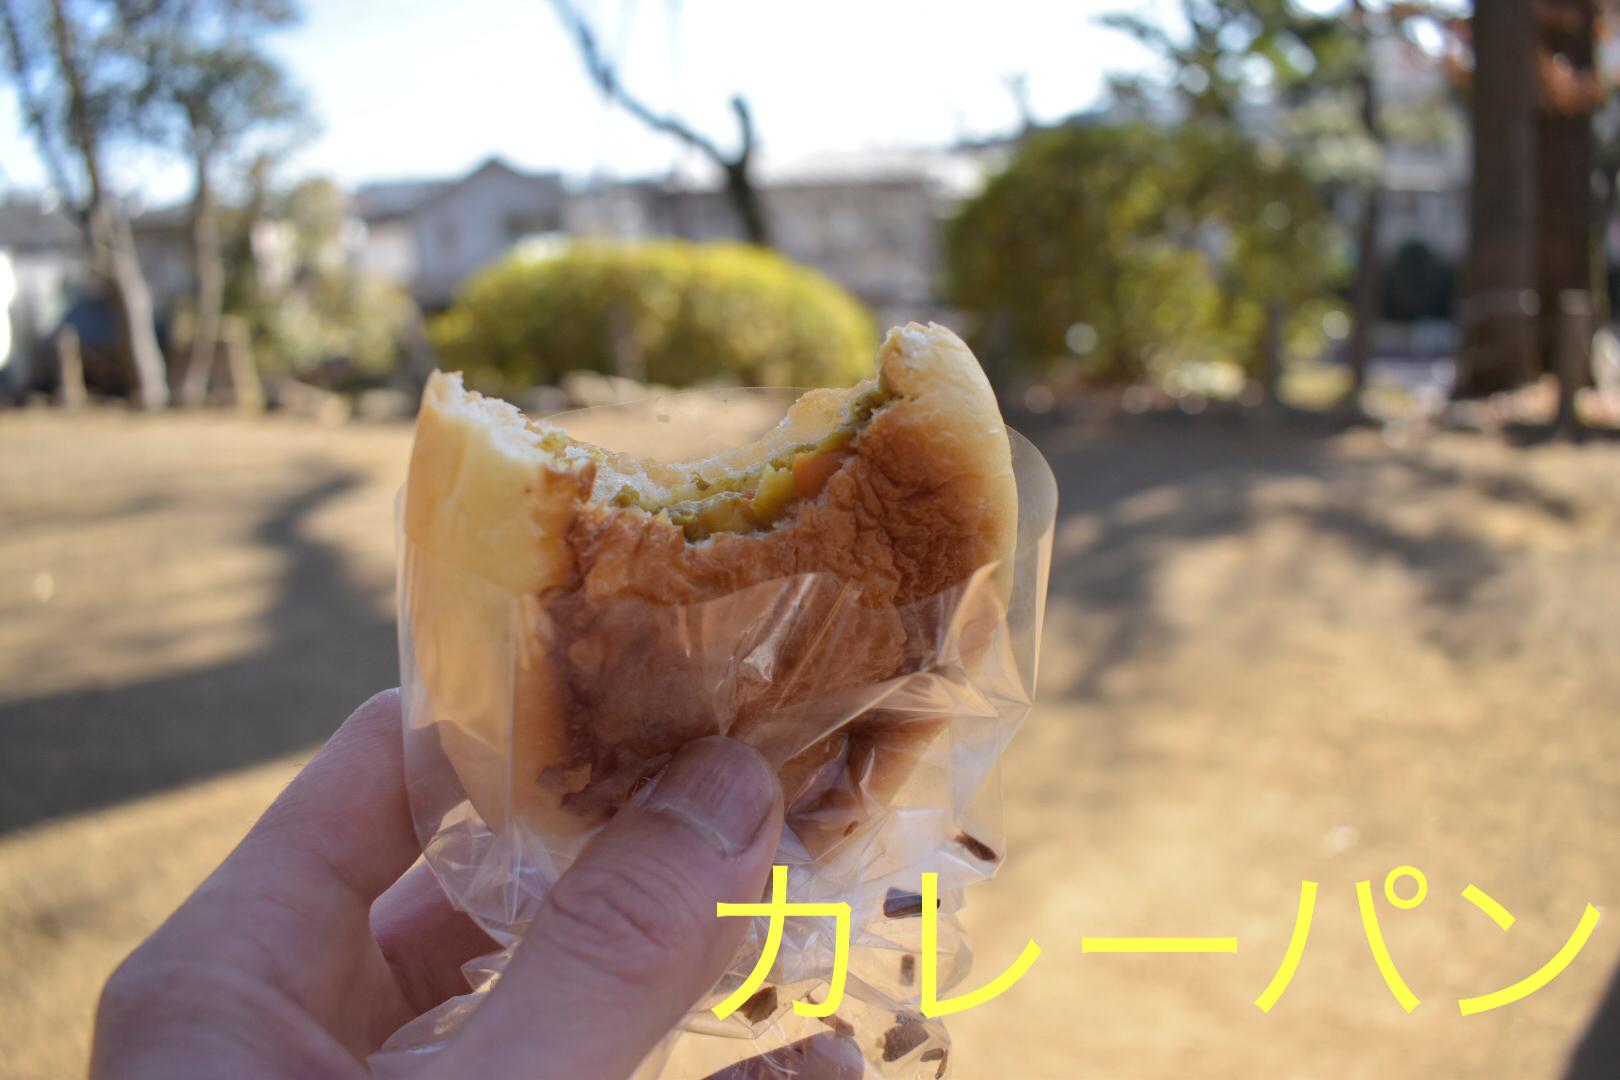 4A736BAC D111 459F A35F AE49A9CD6891 - 世田谷のパン@豪徳寺